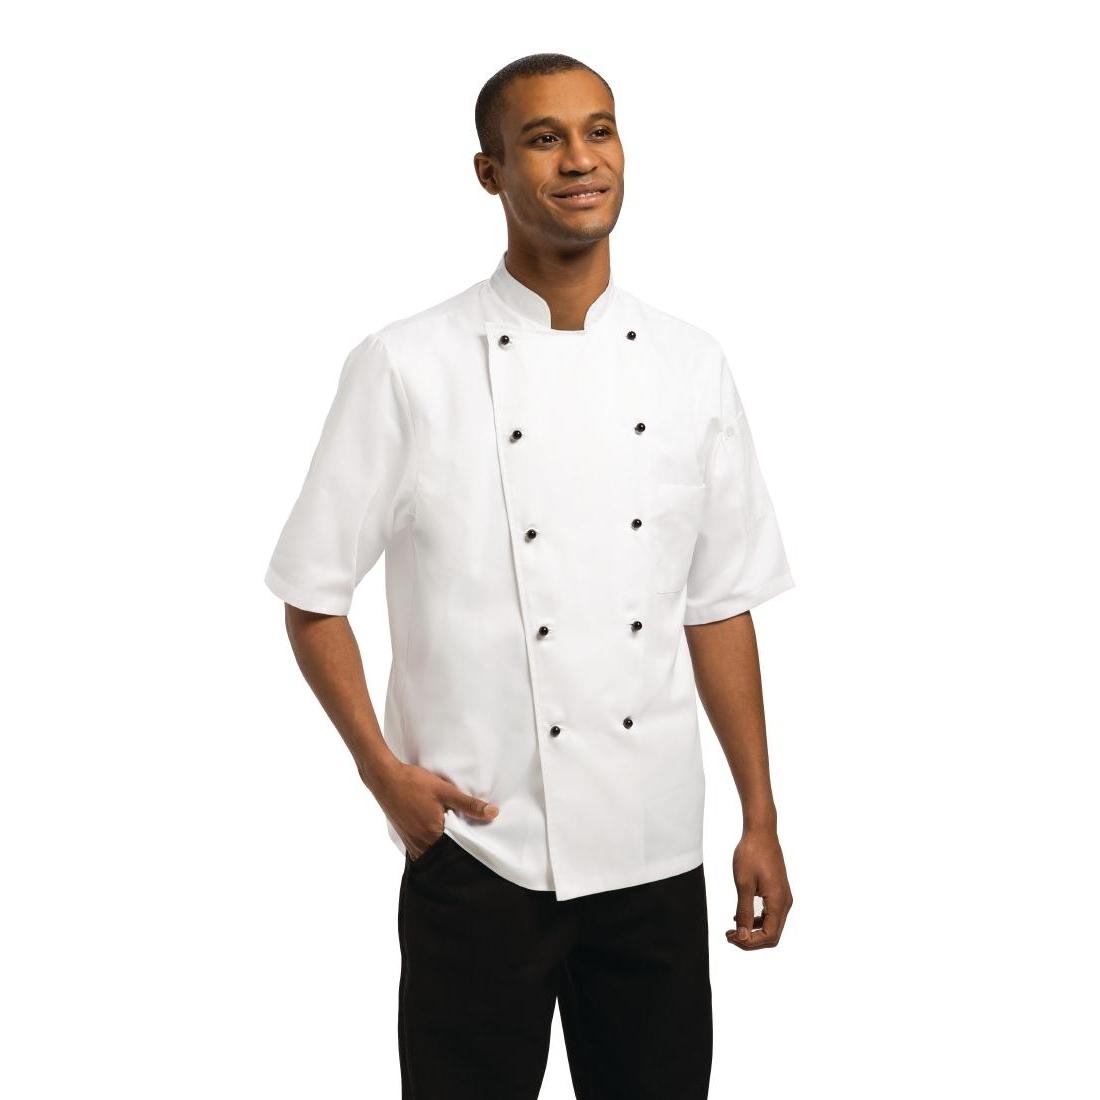 Veste chef unisexe Chef Works Marché manches courtes